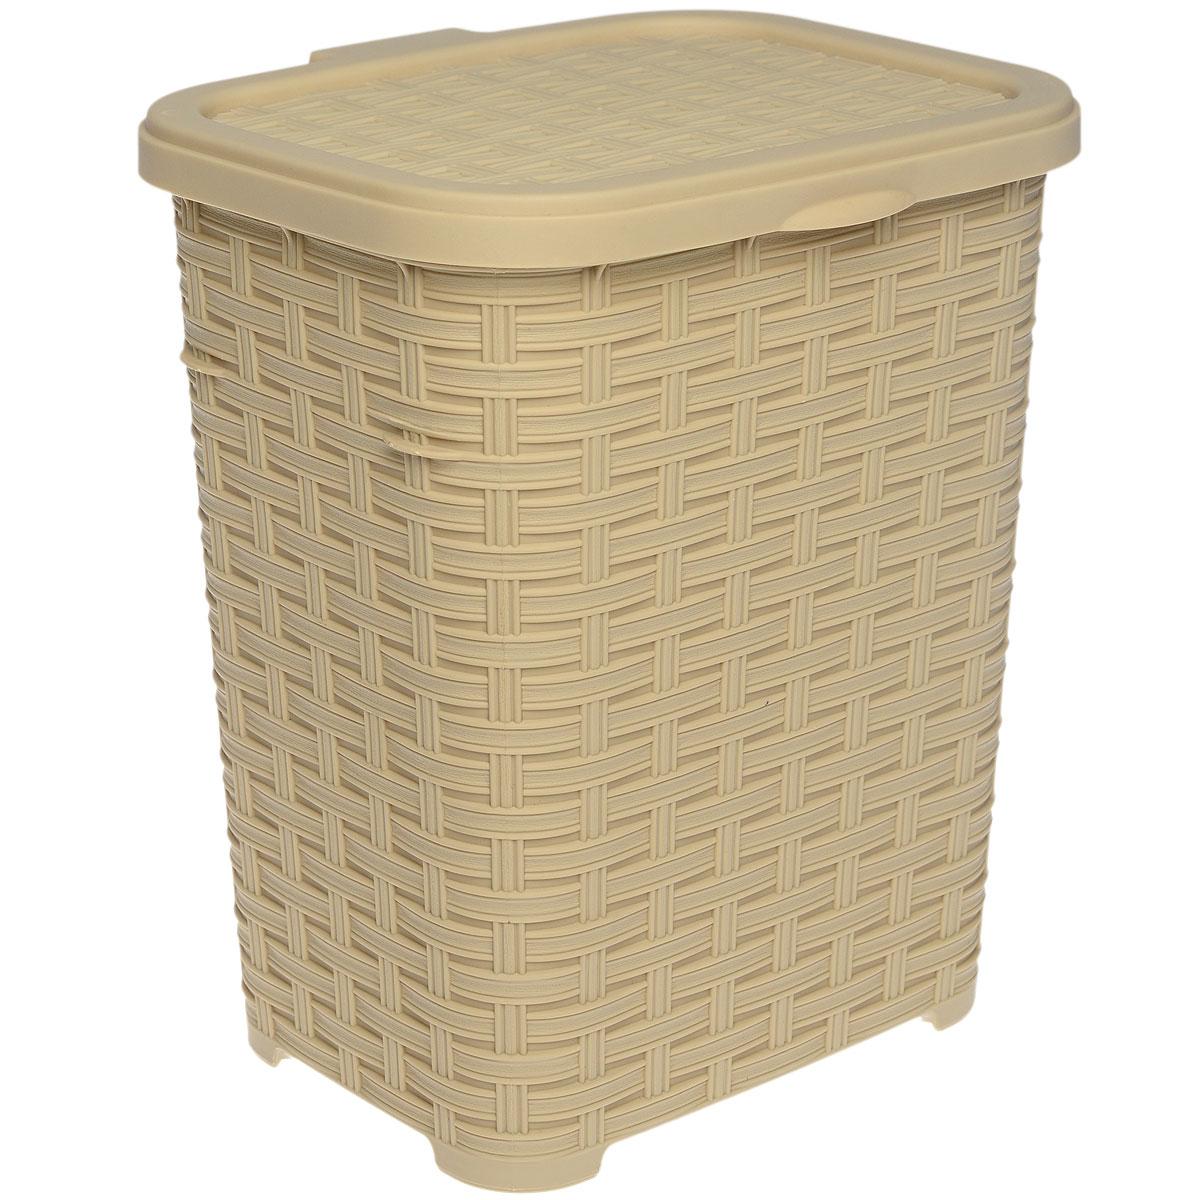 Коробка для стирального порошка Dunya Plastik, цвет: песочный, 6 л05305Коробка Dunya Plastik предназначена для хранения стирального порошка. Выполнена из прочного пластика. Коробка оснащена плотно закрывающейся крышкой.